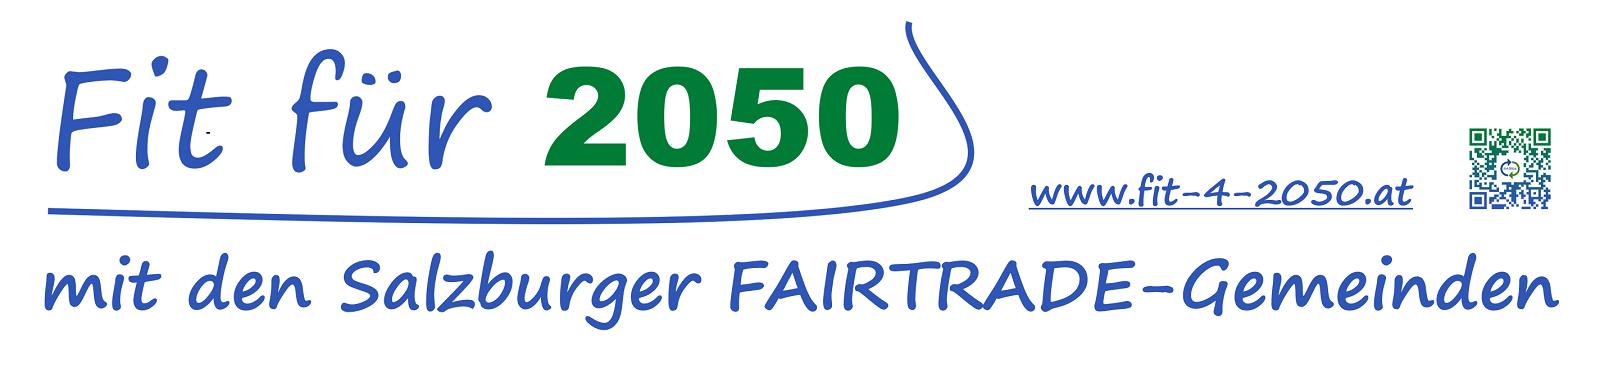 Fit-4-2050 mit den Salzburger FAIRTRADE Gemeinden